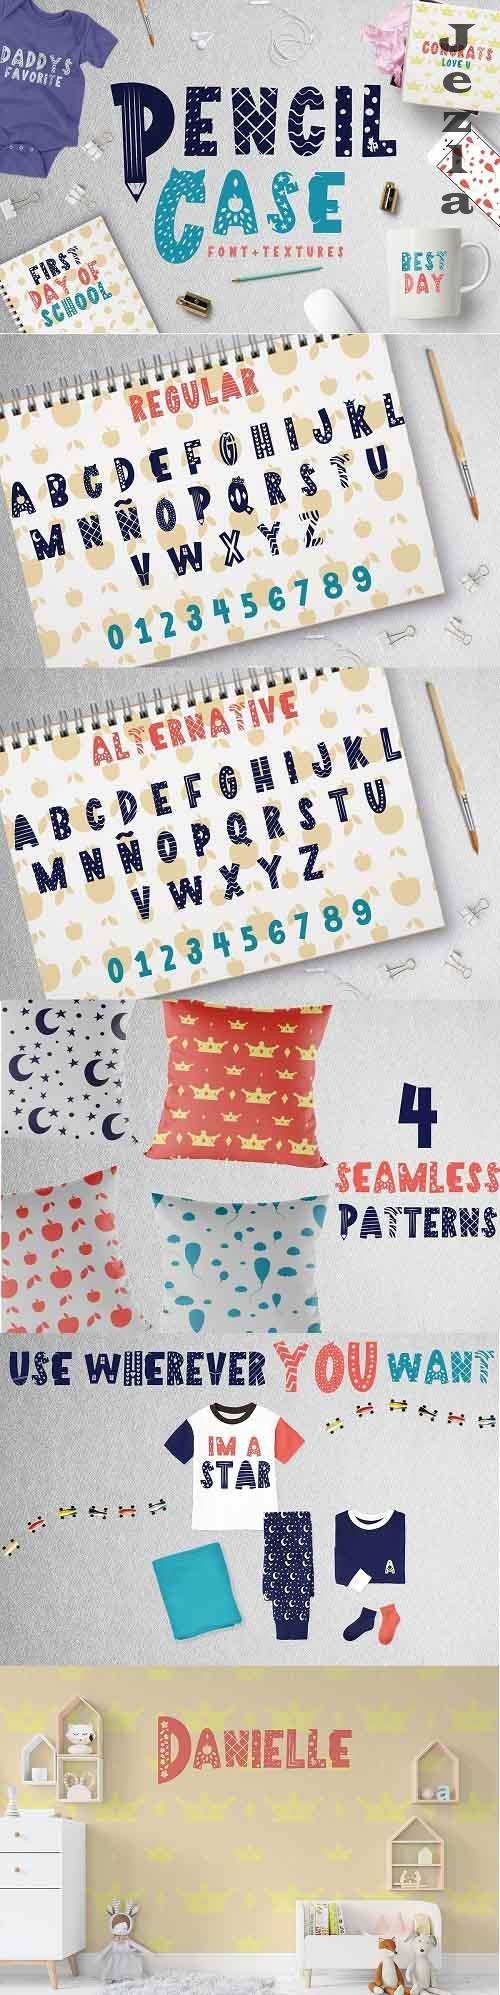 Pencil Case - Scandinavian kids font - 5136332